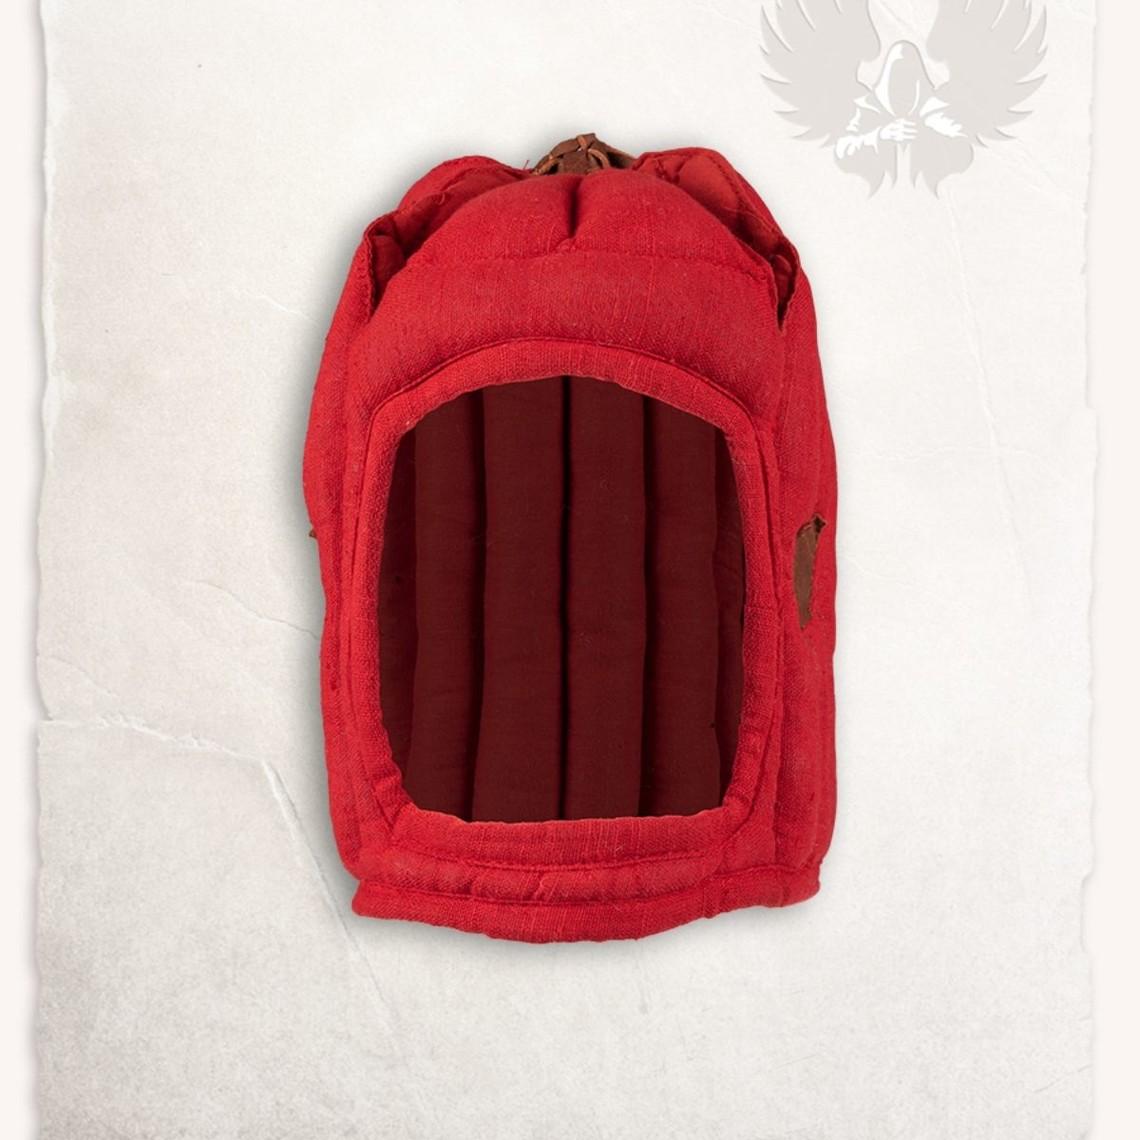 Mytholon bouchon d'armement en lin rouge Aulber